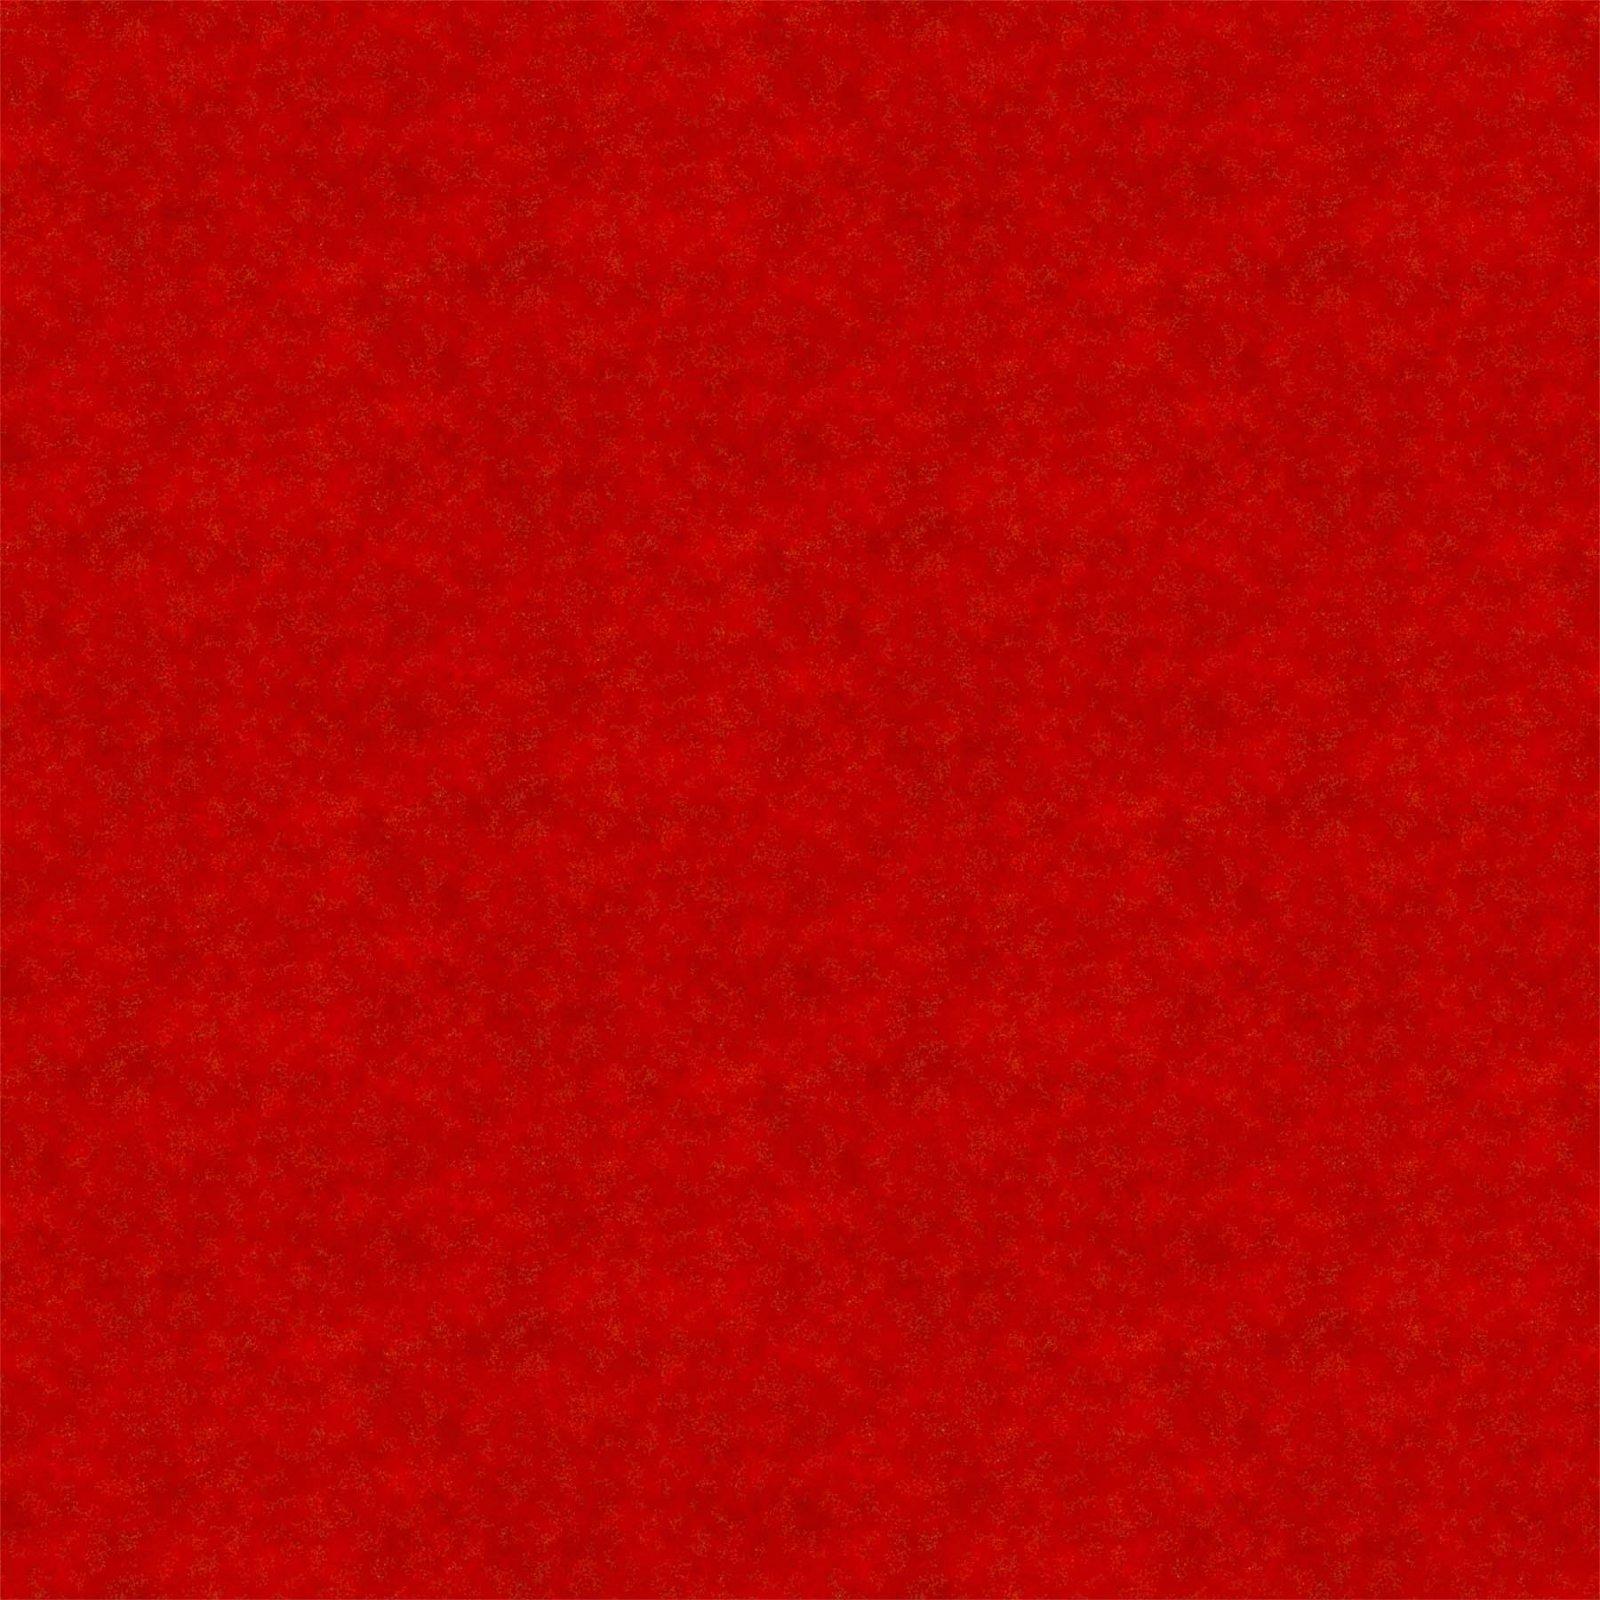 Shimmer - Radiance - Moulin Rouge